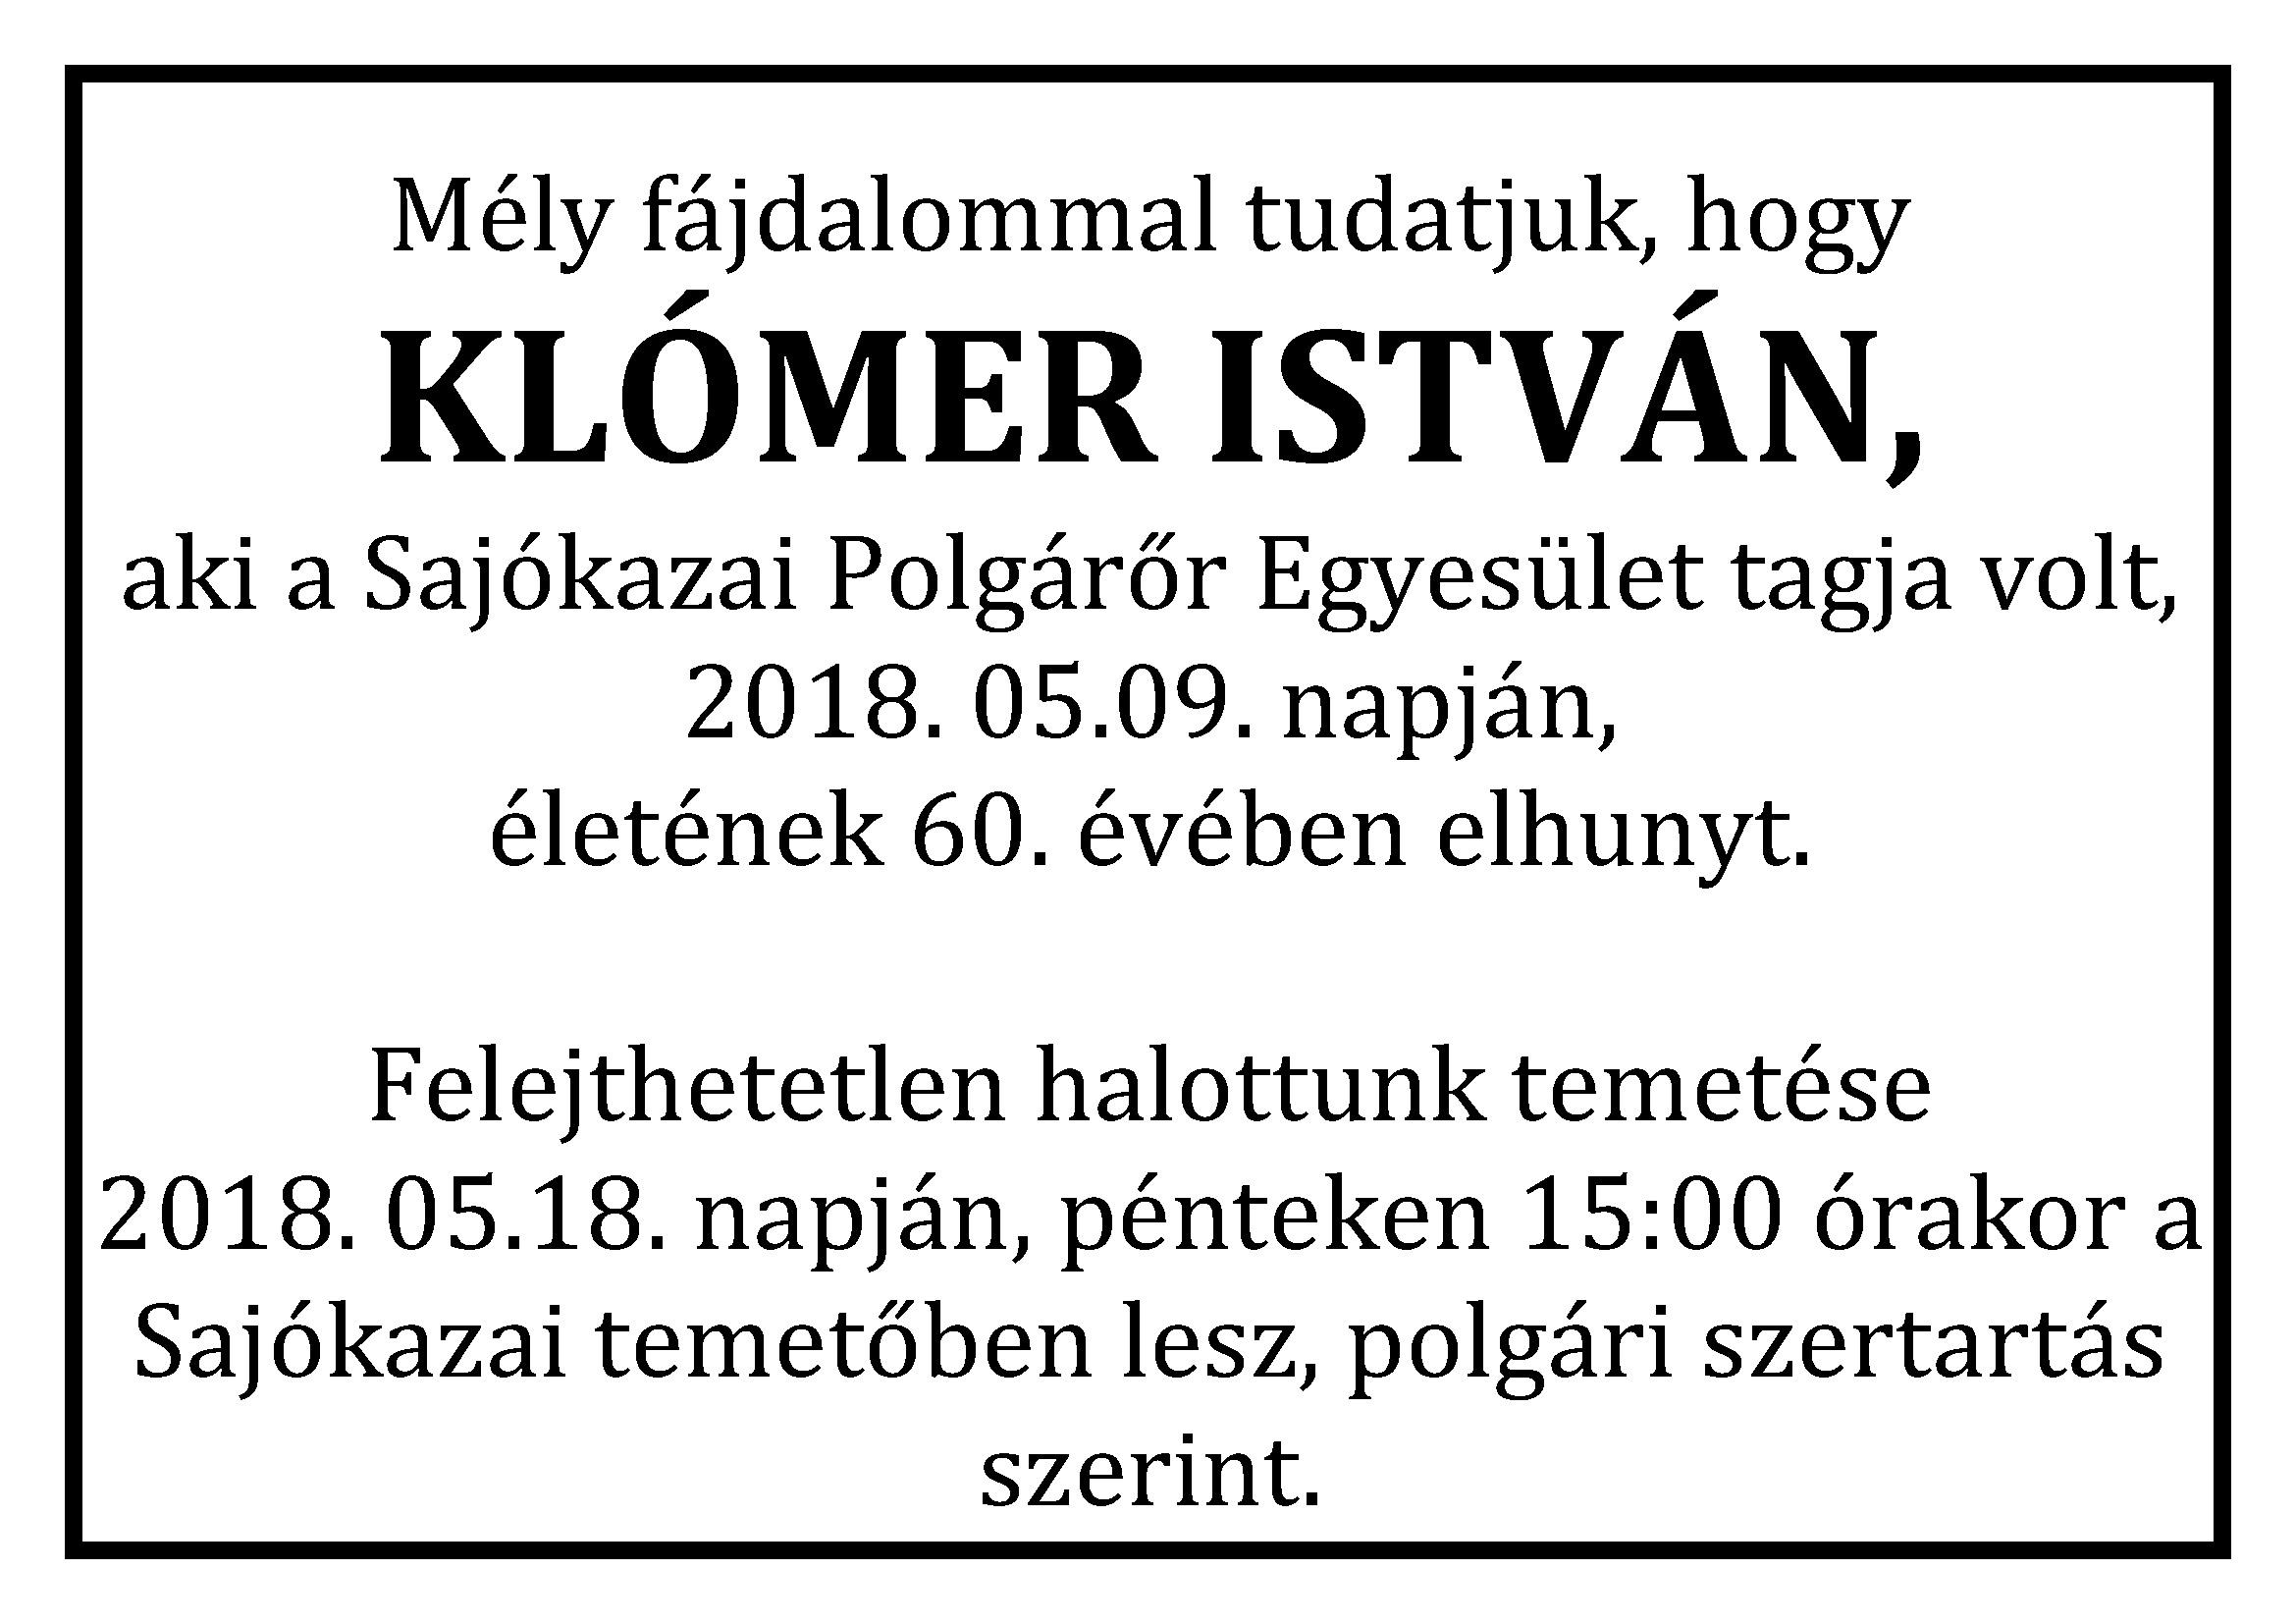 klomer_istvan